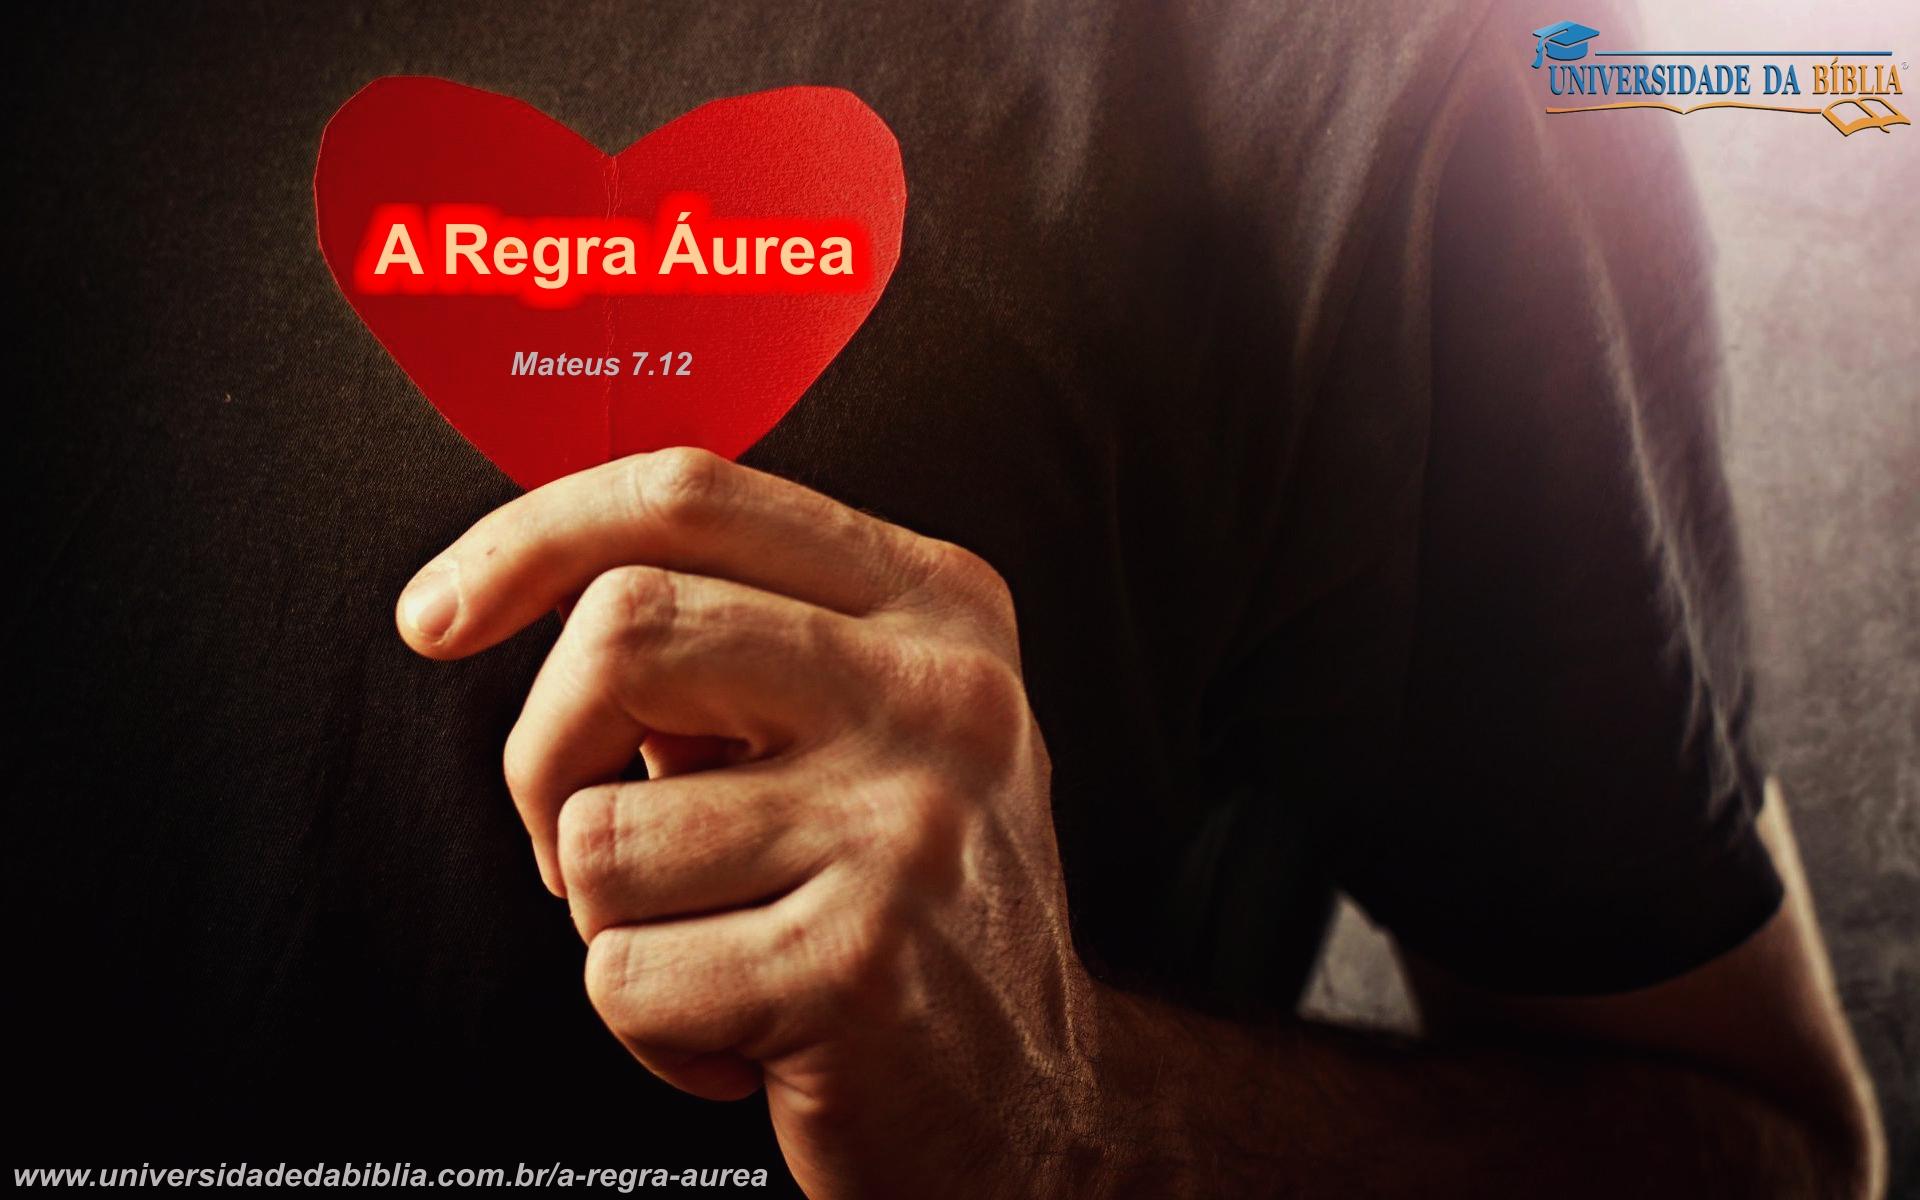 aregraaurea